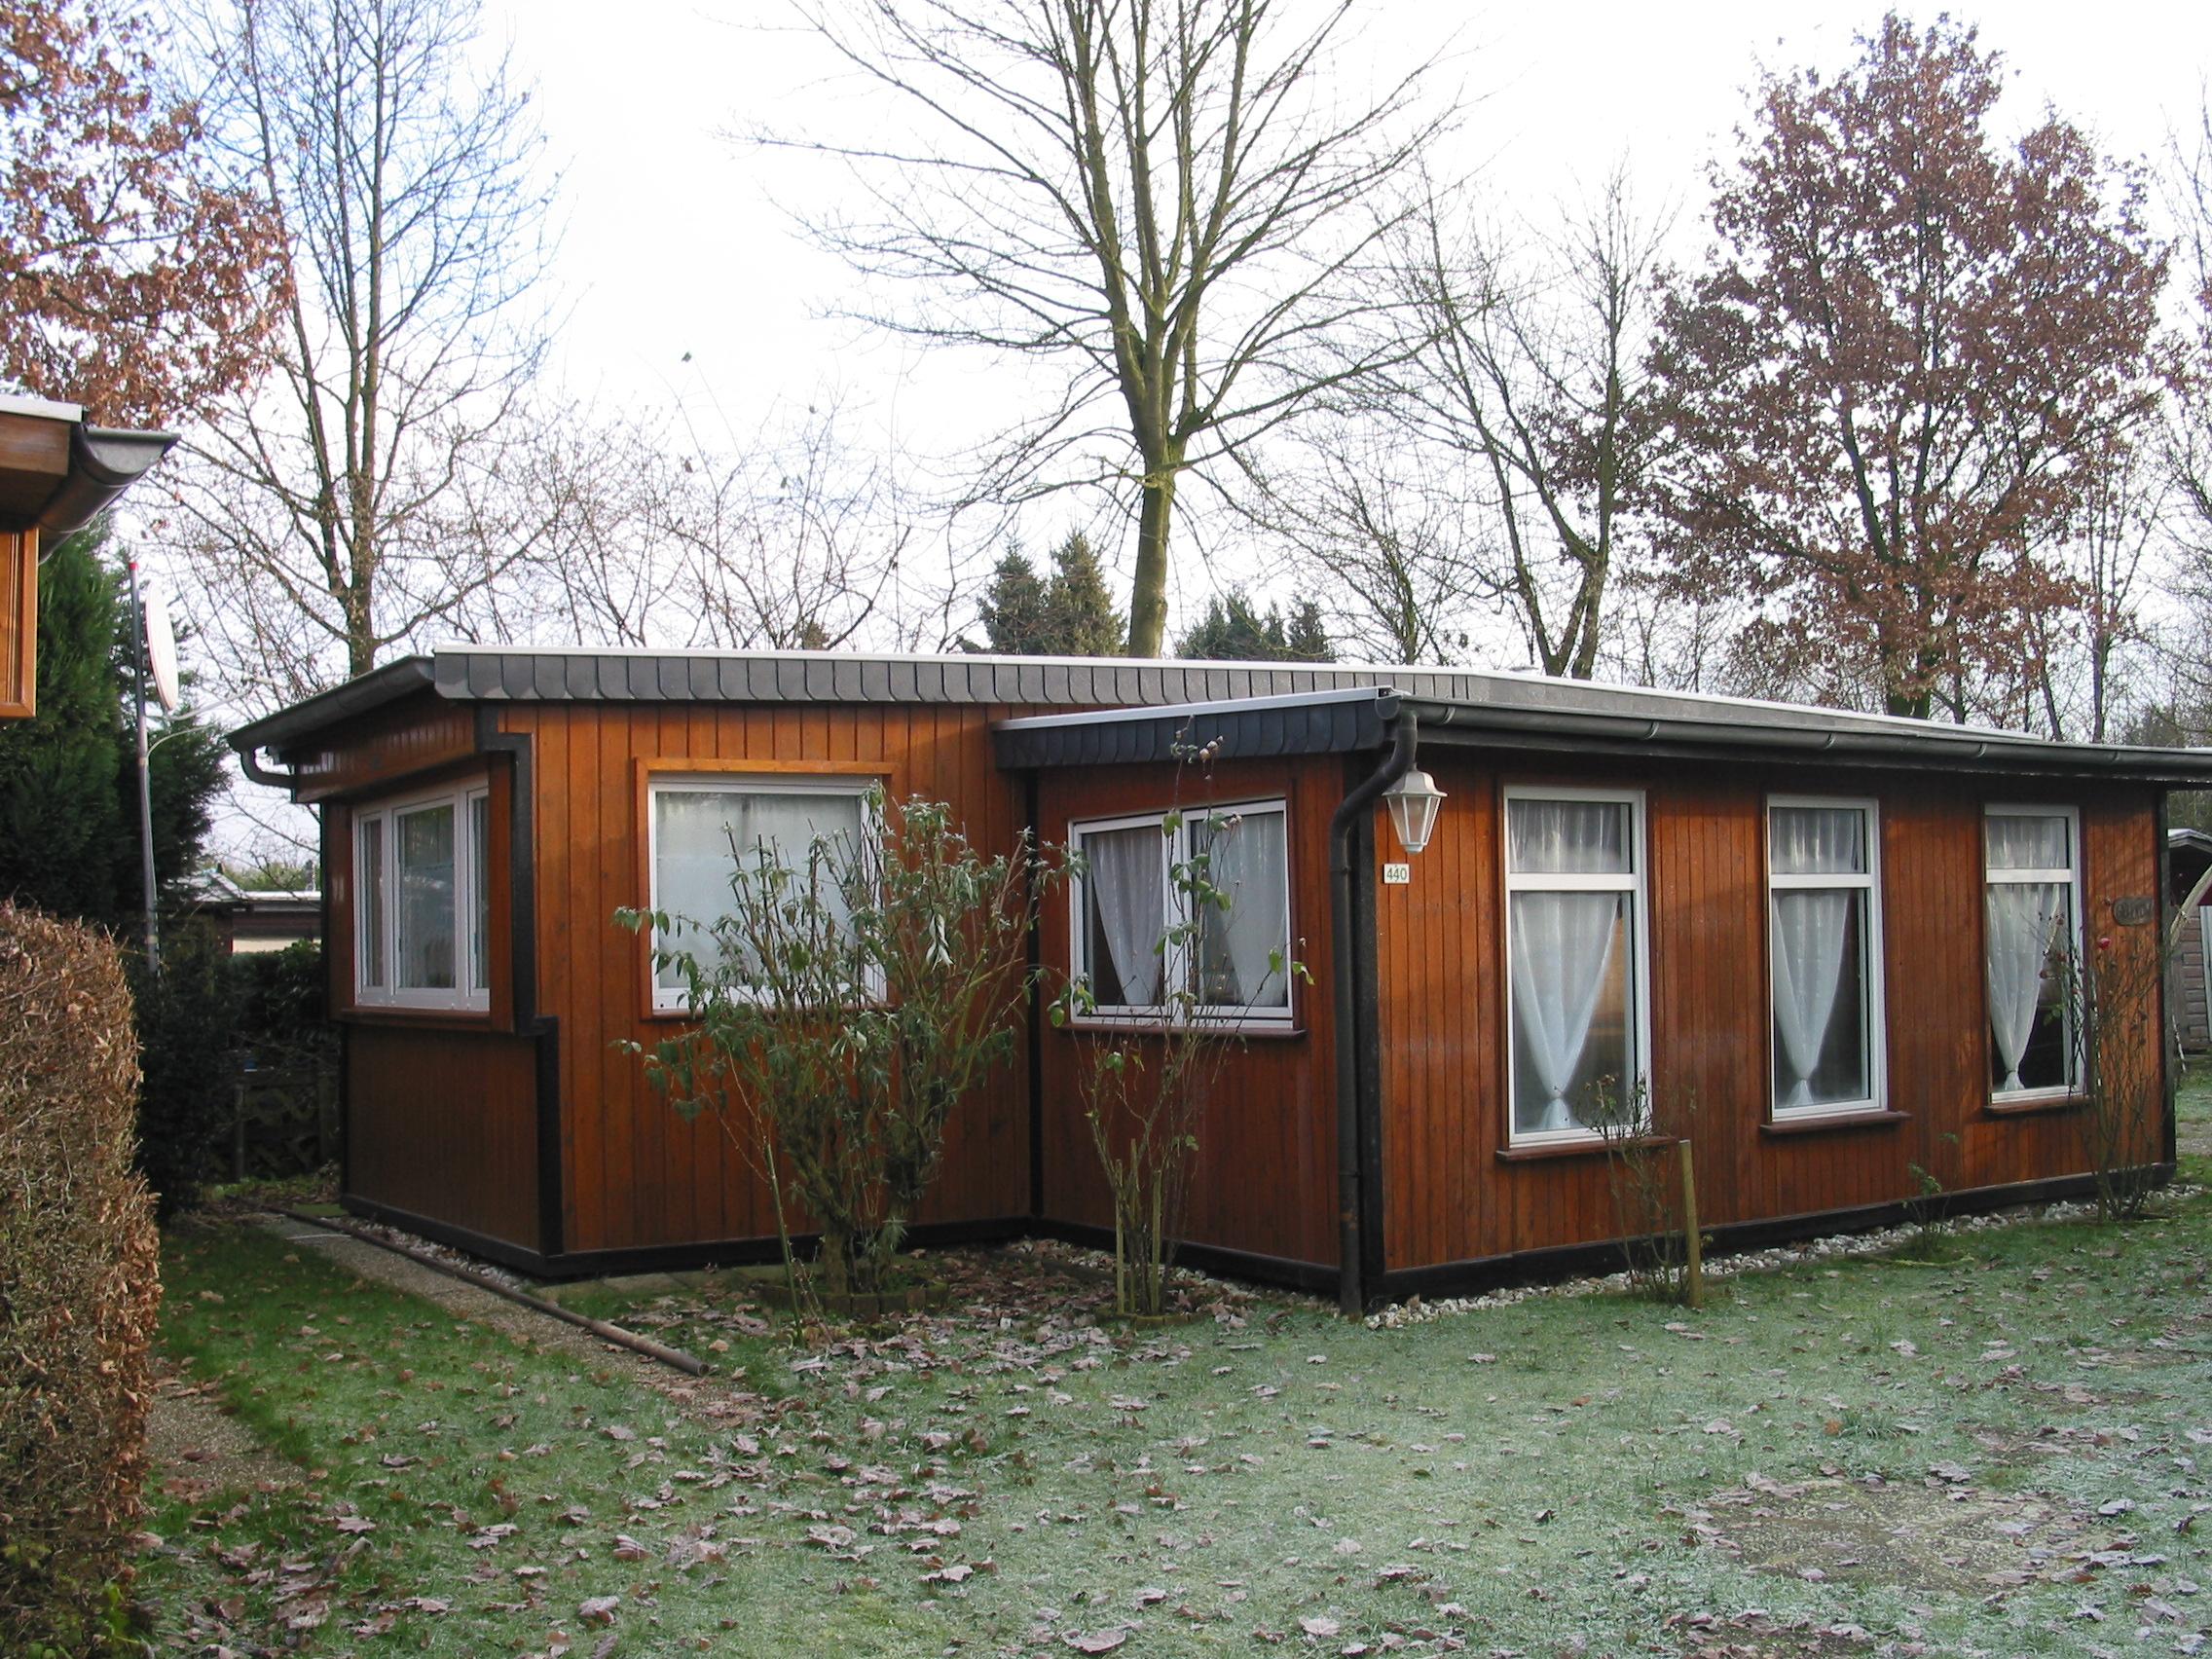 camping kleinanzeigen in aachen. Black Bedroom Furniture Sets. Home Design Ideas